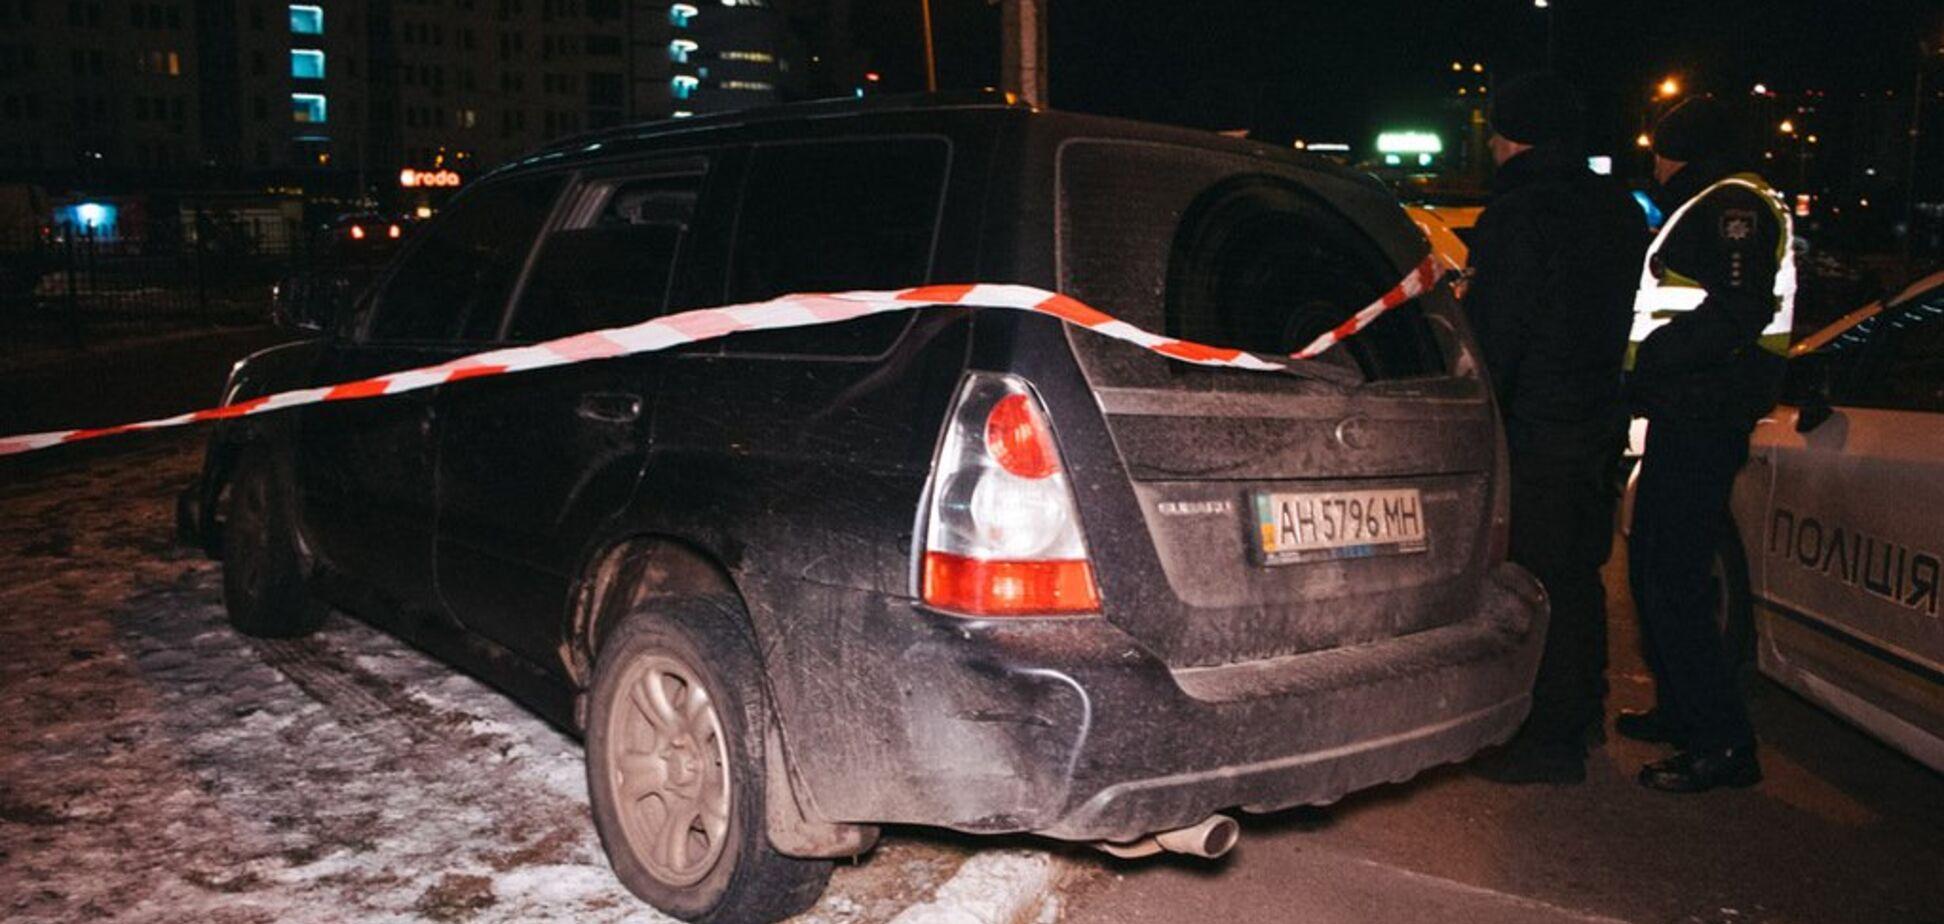 У Києві п'яний водій влаштував 'гонки' на викраденому авто